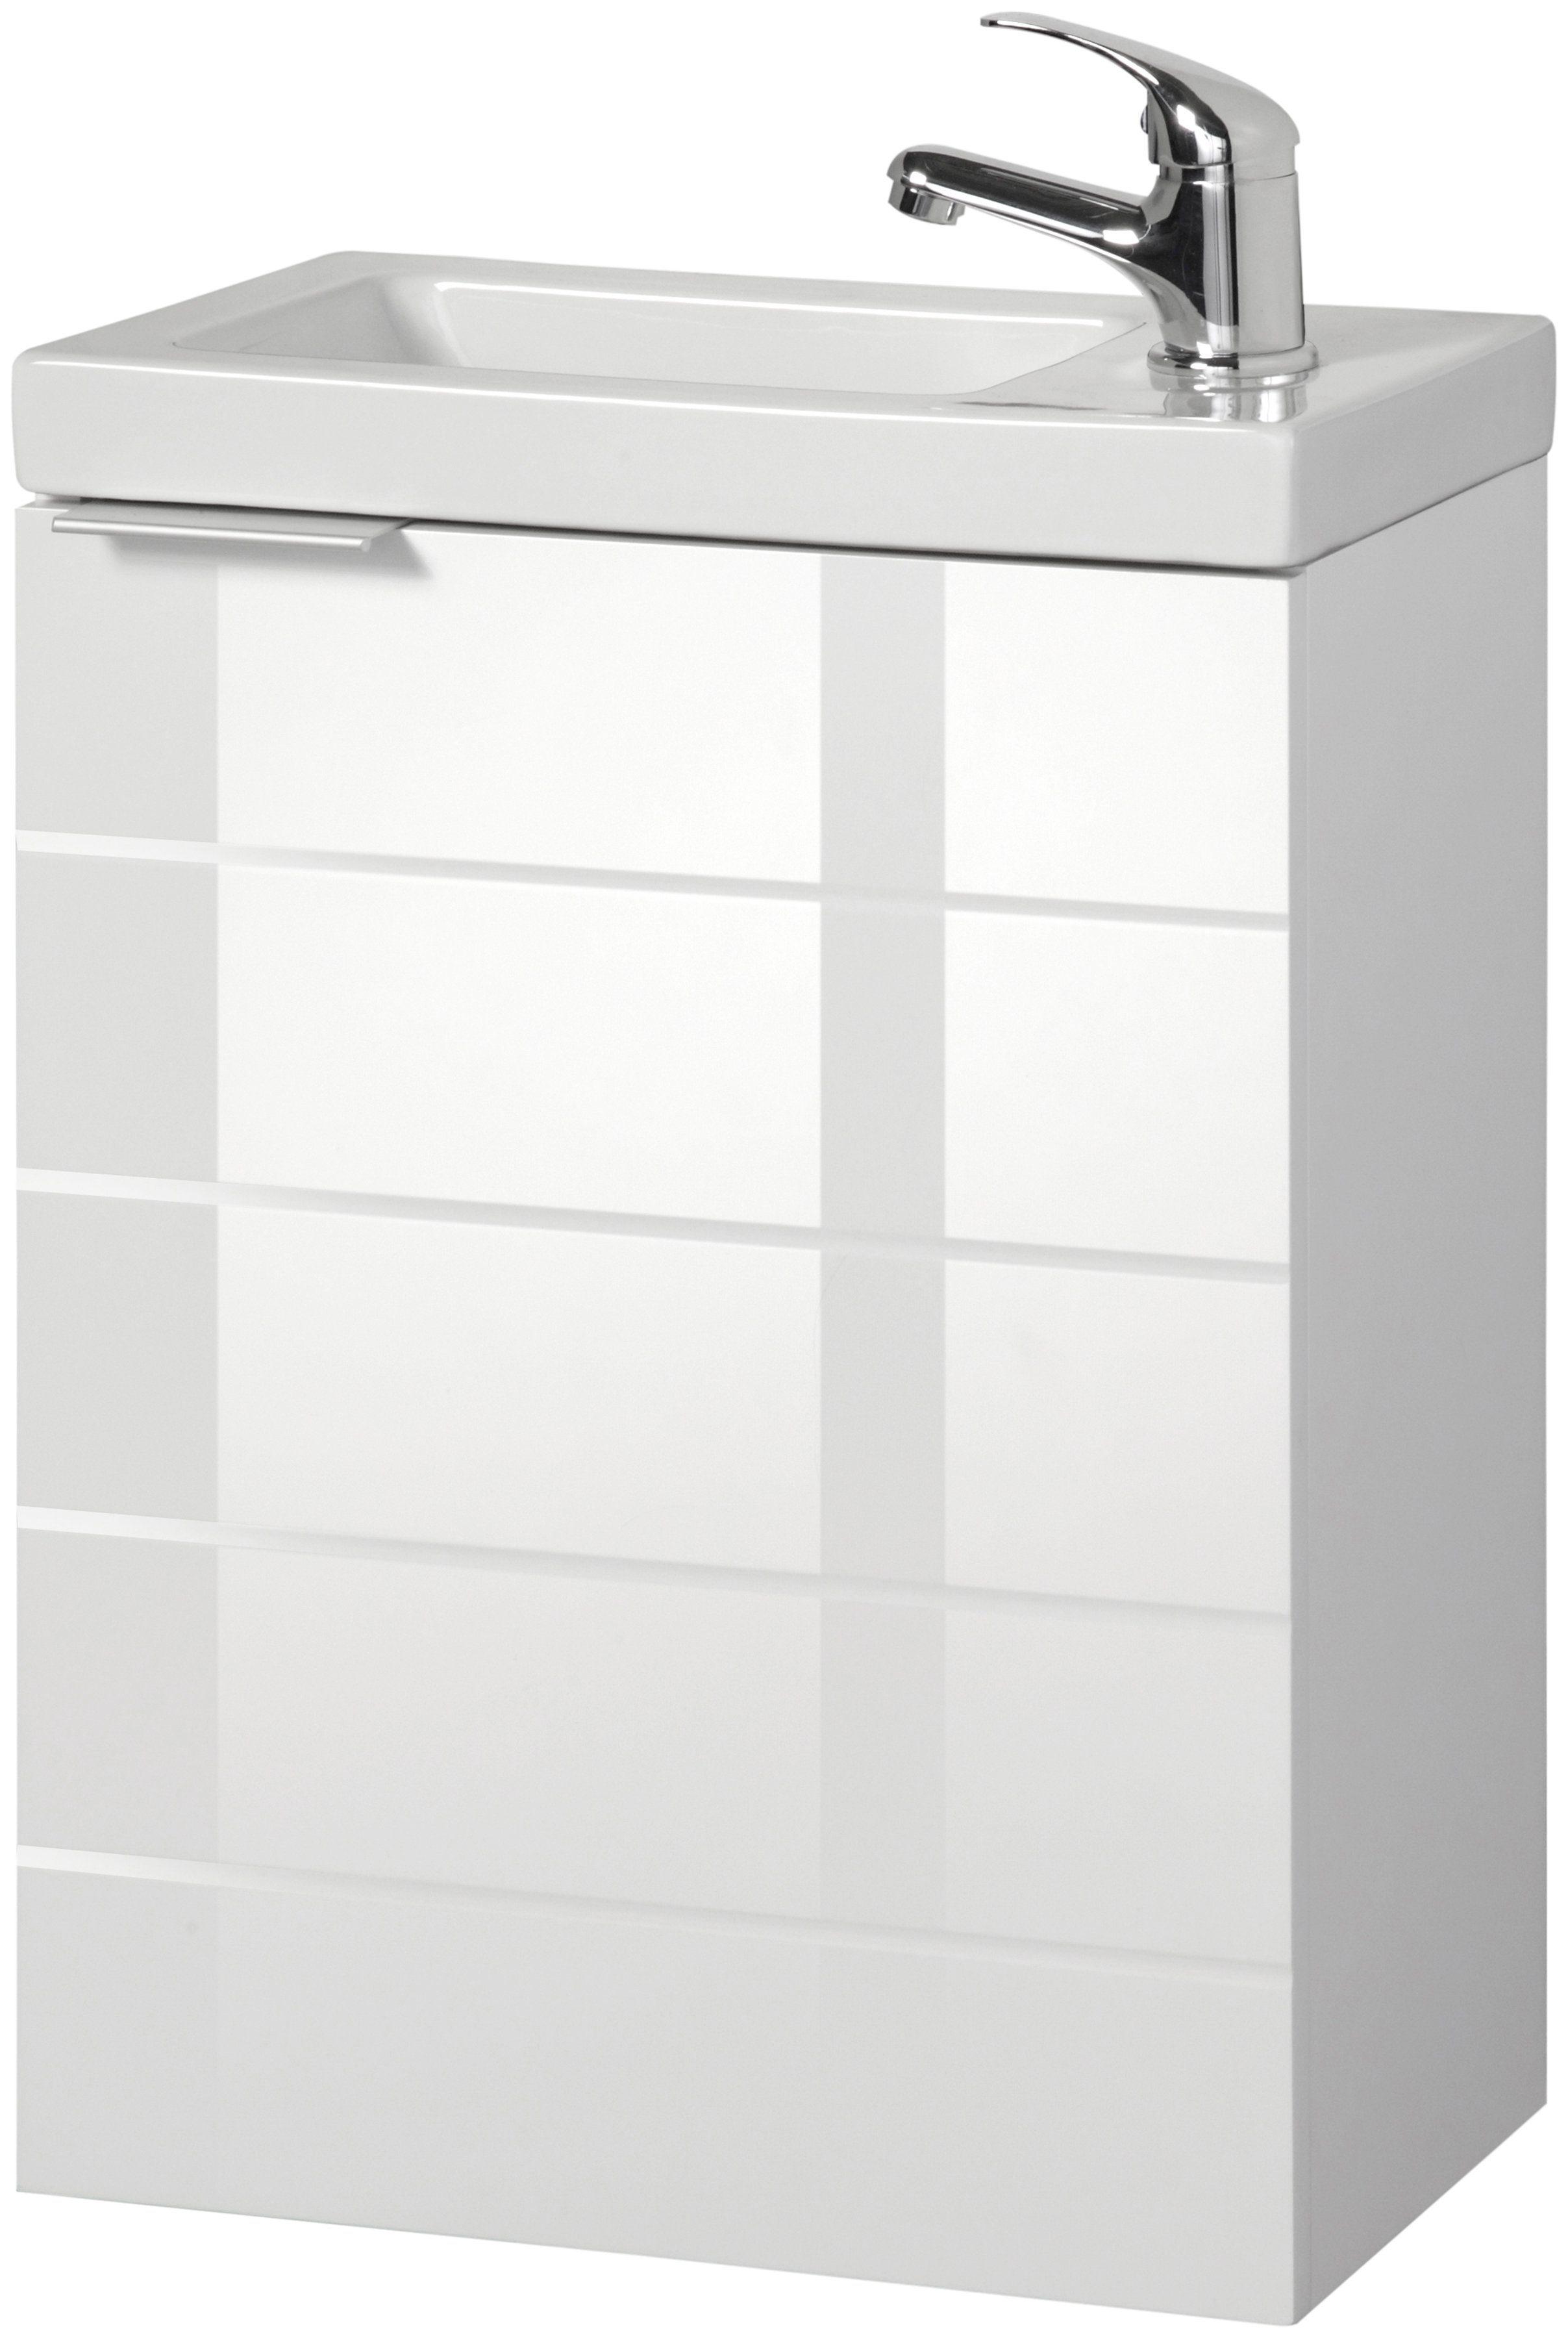 Waschtisch »Luzern«, Breite 40 cm